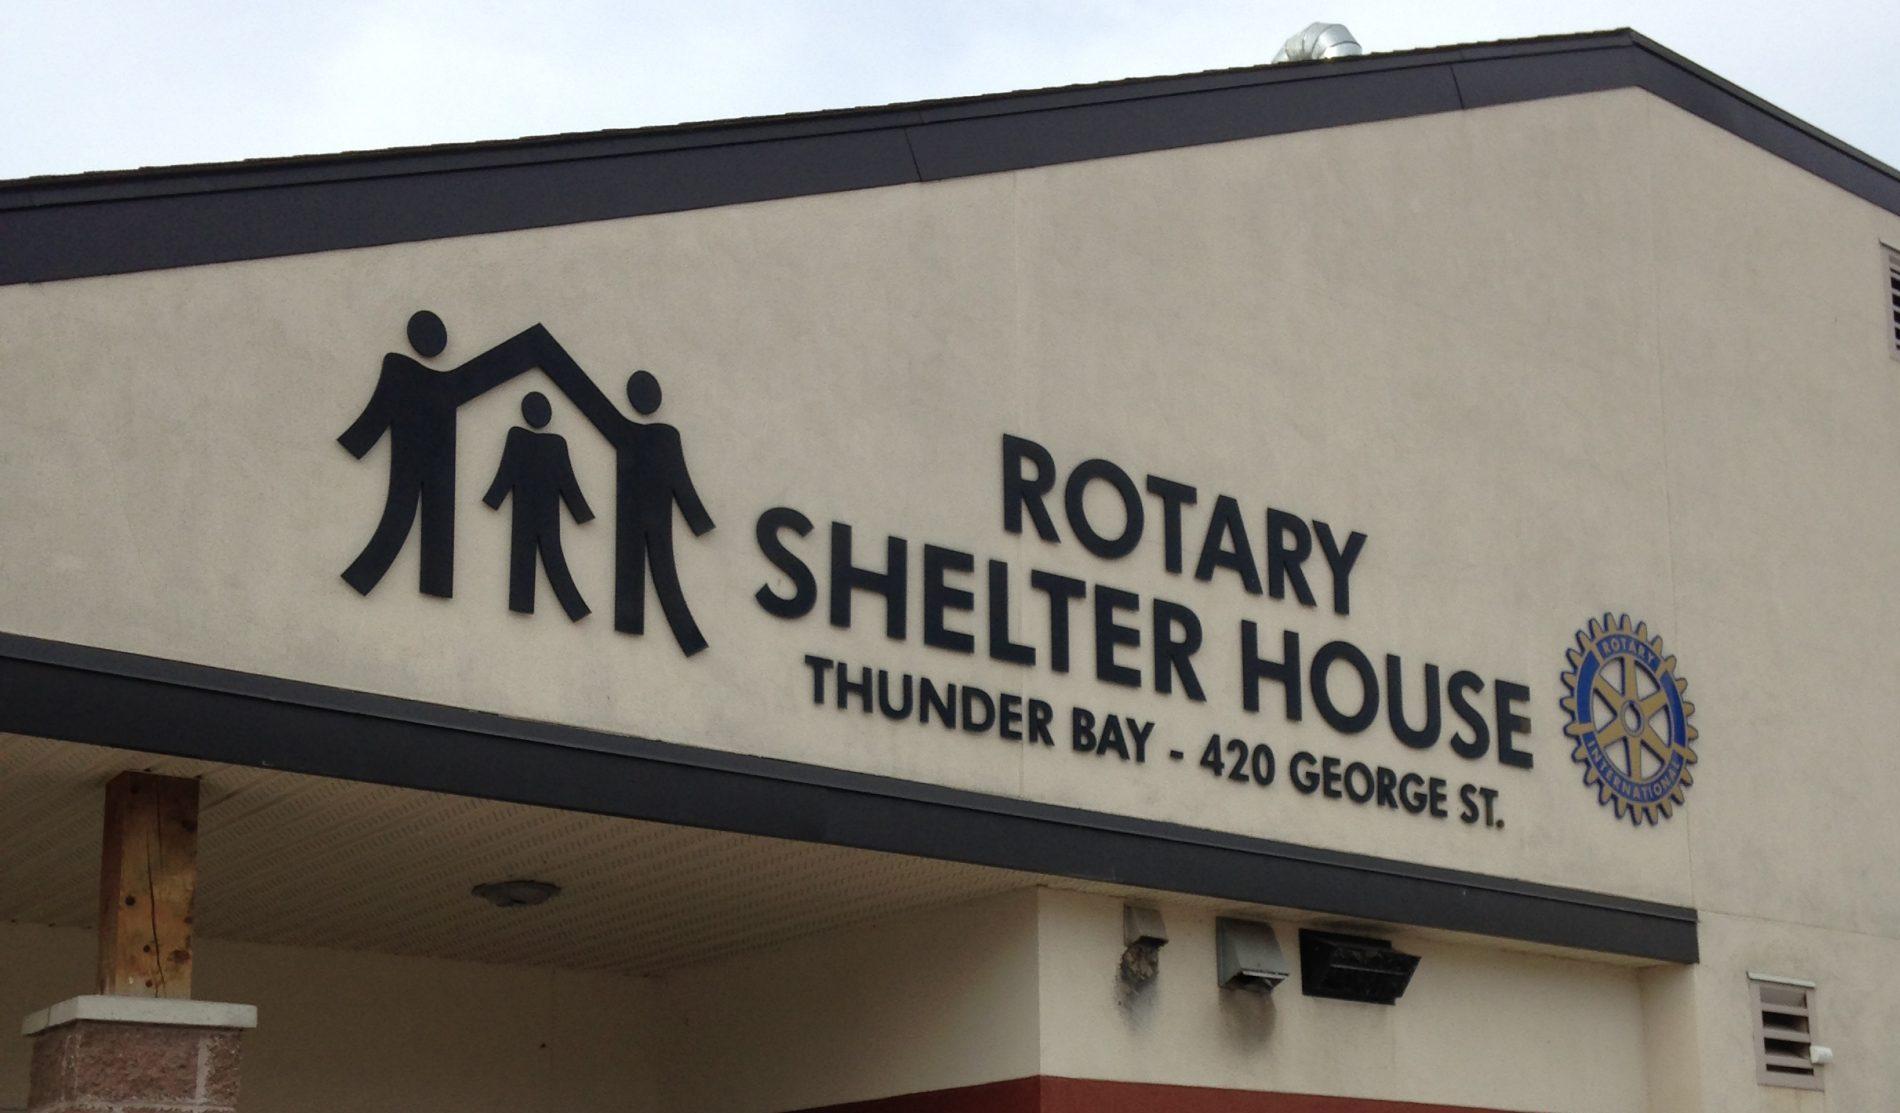 Nurses Helping Shelter House